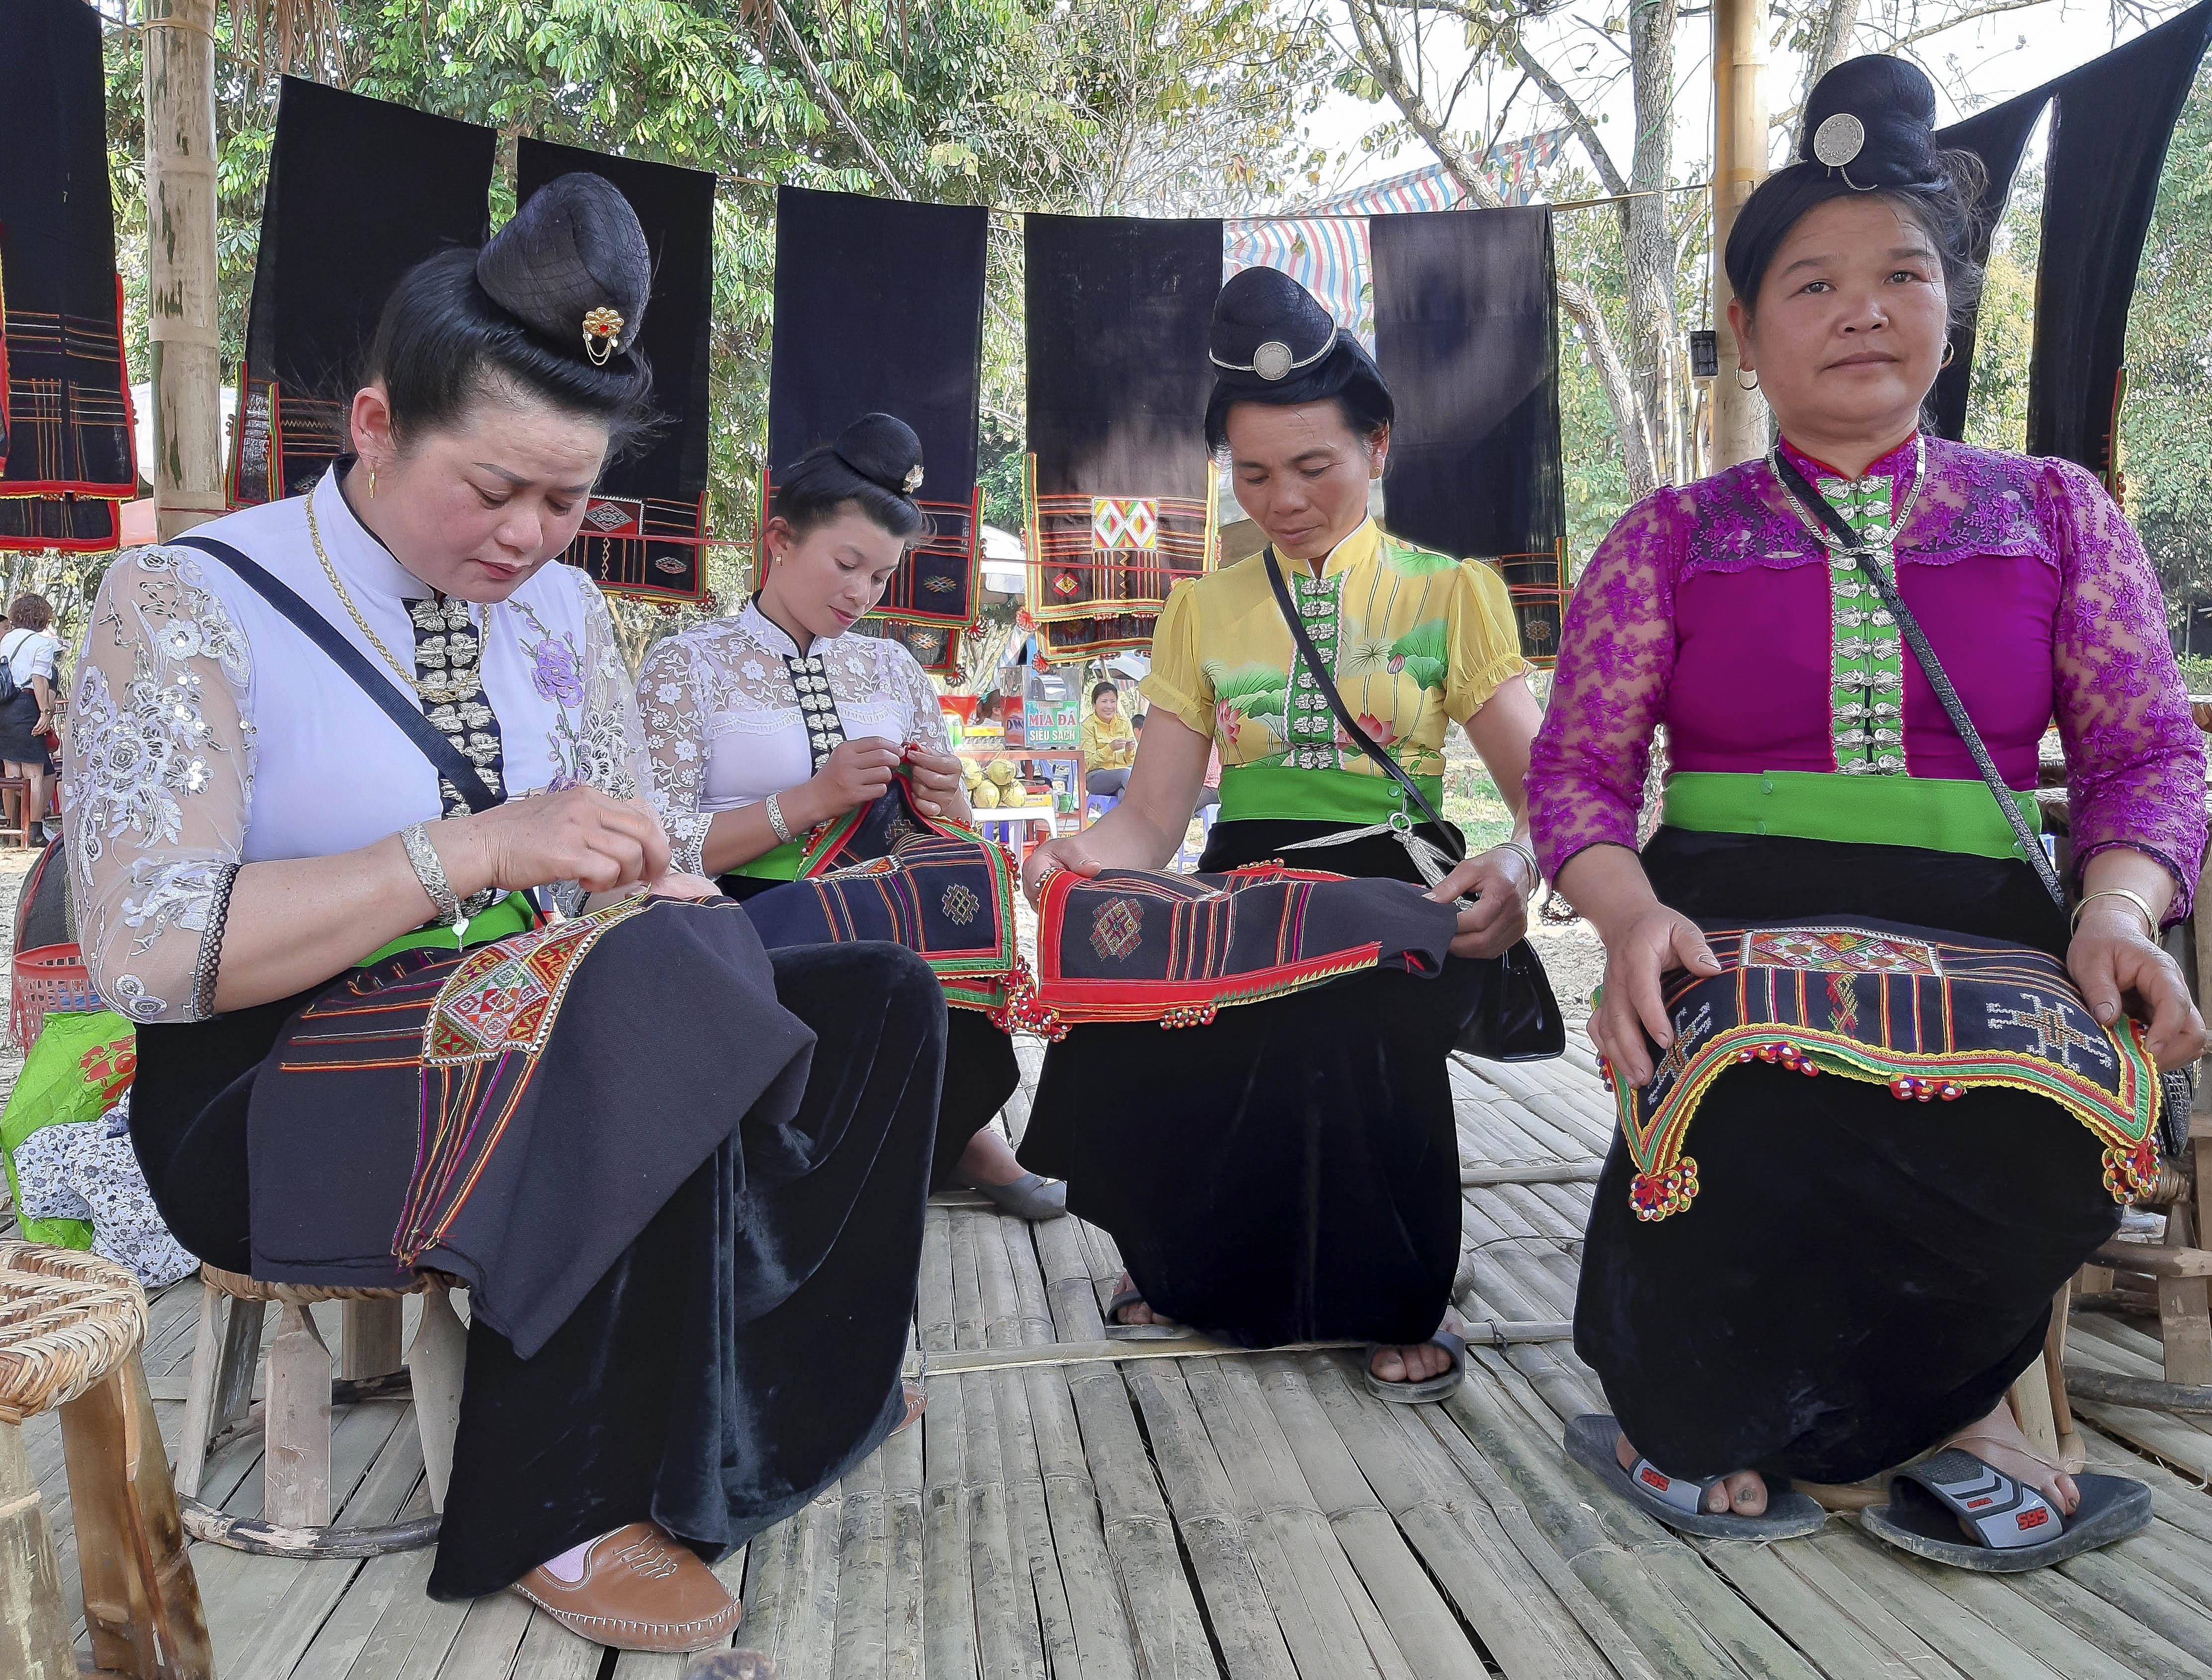 Những đôi tay khéo léo của chị em phụ nữ dân tộc Thái tạo ra những tấm thổ cẩm rực rỡ sắc màu, đa dạng hoa văn.